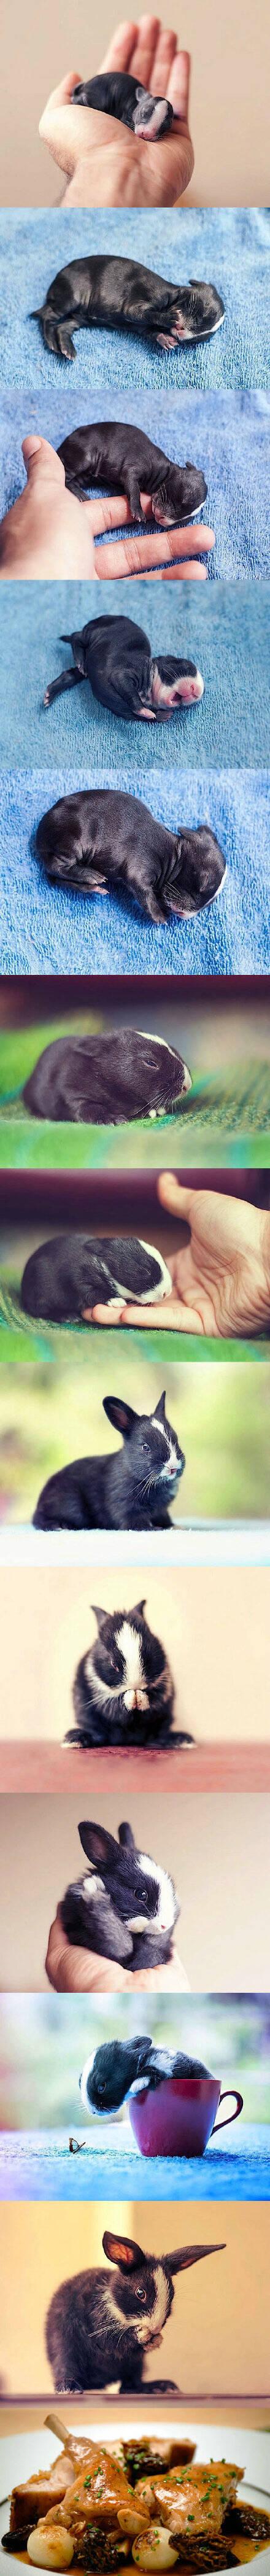 萌宠150821:萌兔子的成长历程 最后也是万万没想到